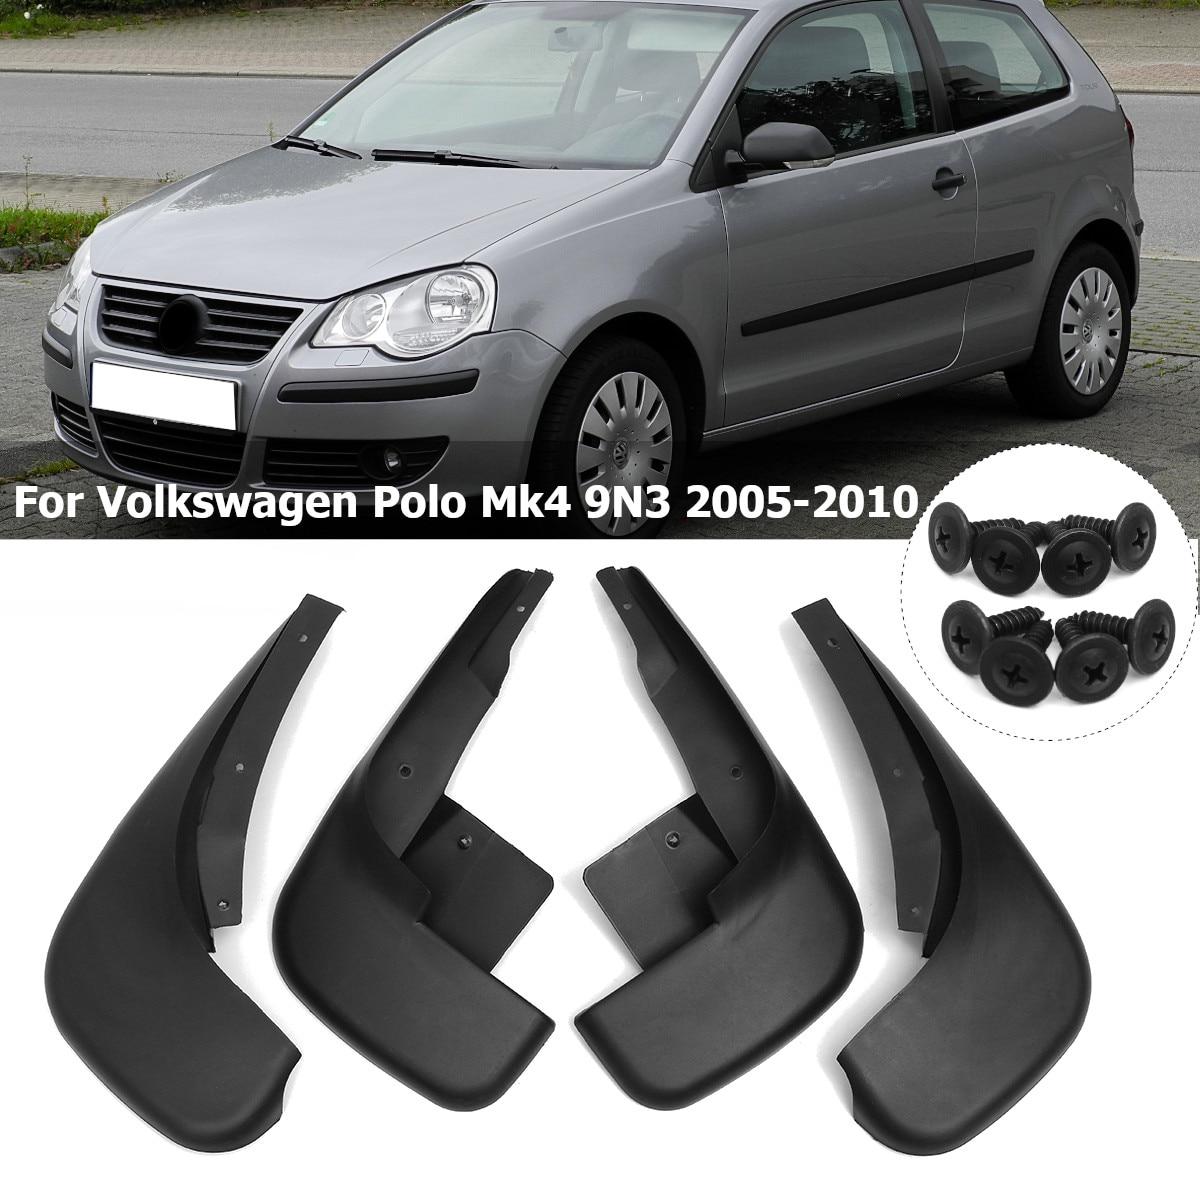 Paraspruzzi per VW Polo Mk4 9N3 2005-2009 Parafango Auto Paraspruzzi Anteriore Posteriore Parafango Paraspruzzi Accessori